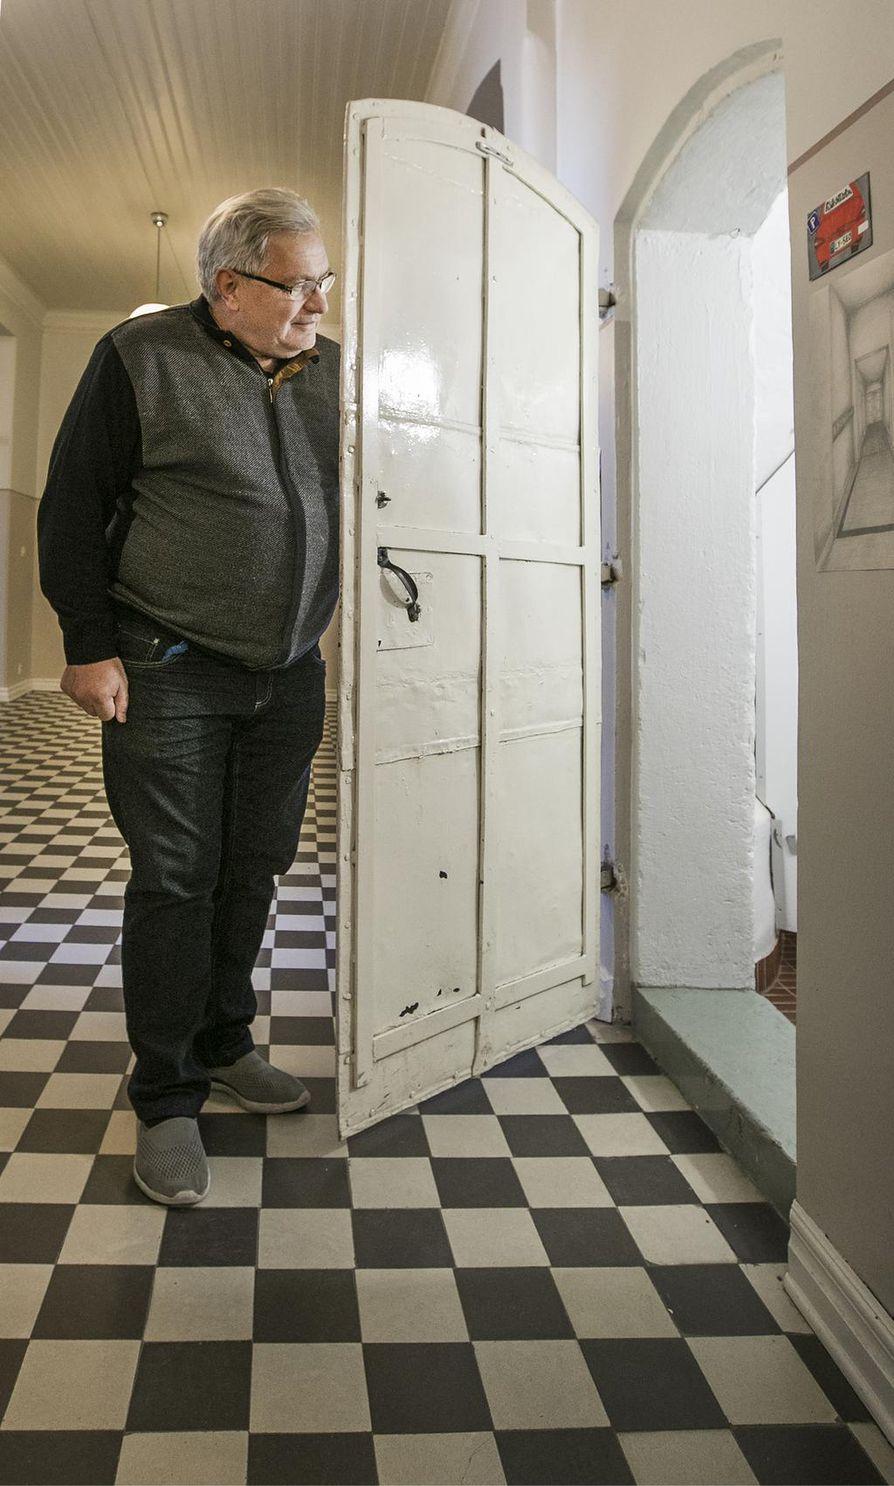 Virastomestari Pentti Mikkonen esittelee karsseria, eli putkaa, jonne pahankuriset pojat pantiin arestiin. Siellä vietti aikaa myös tuleva presidentti Kyösti Kallio.